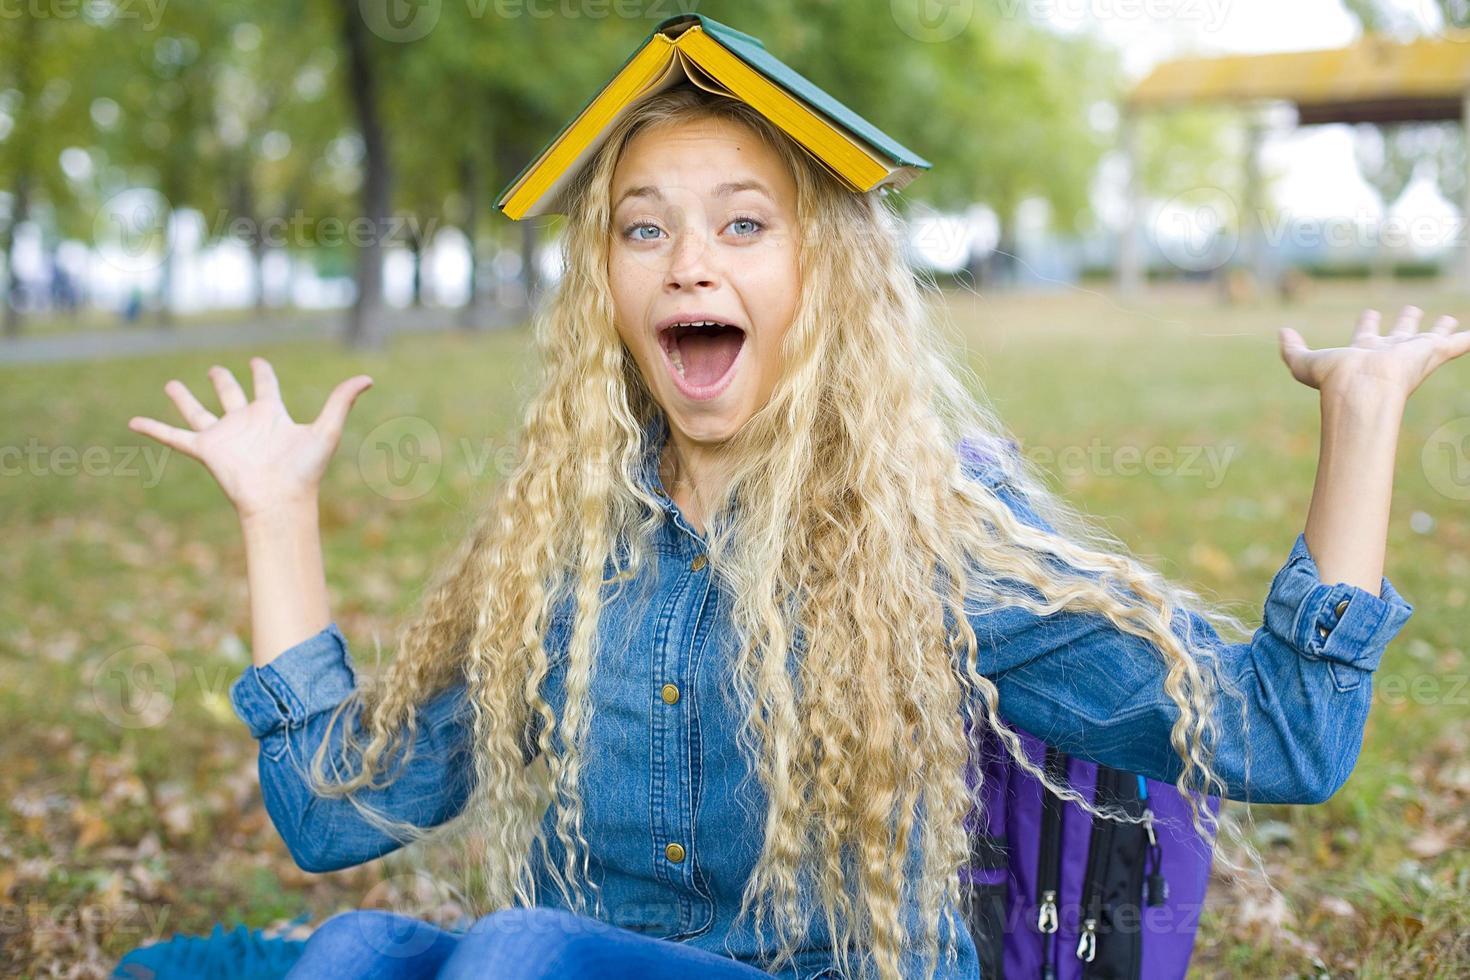 studentessa allegra con un libro in testa foto